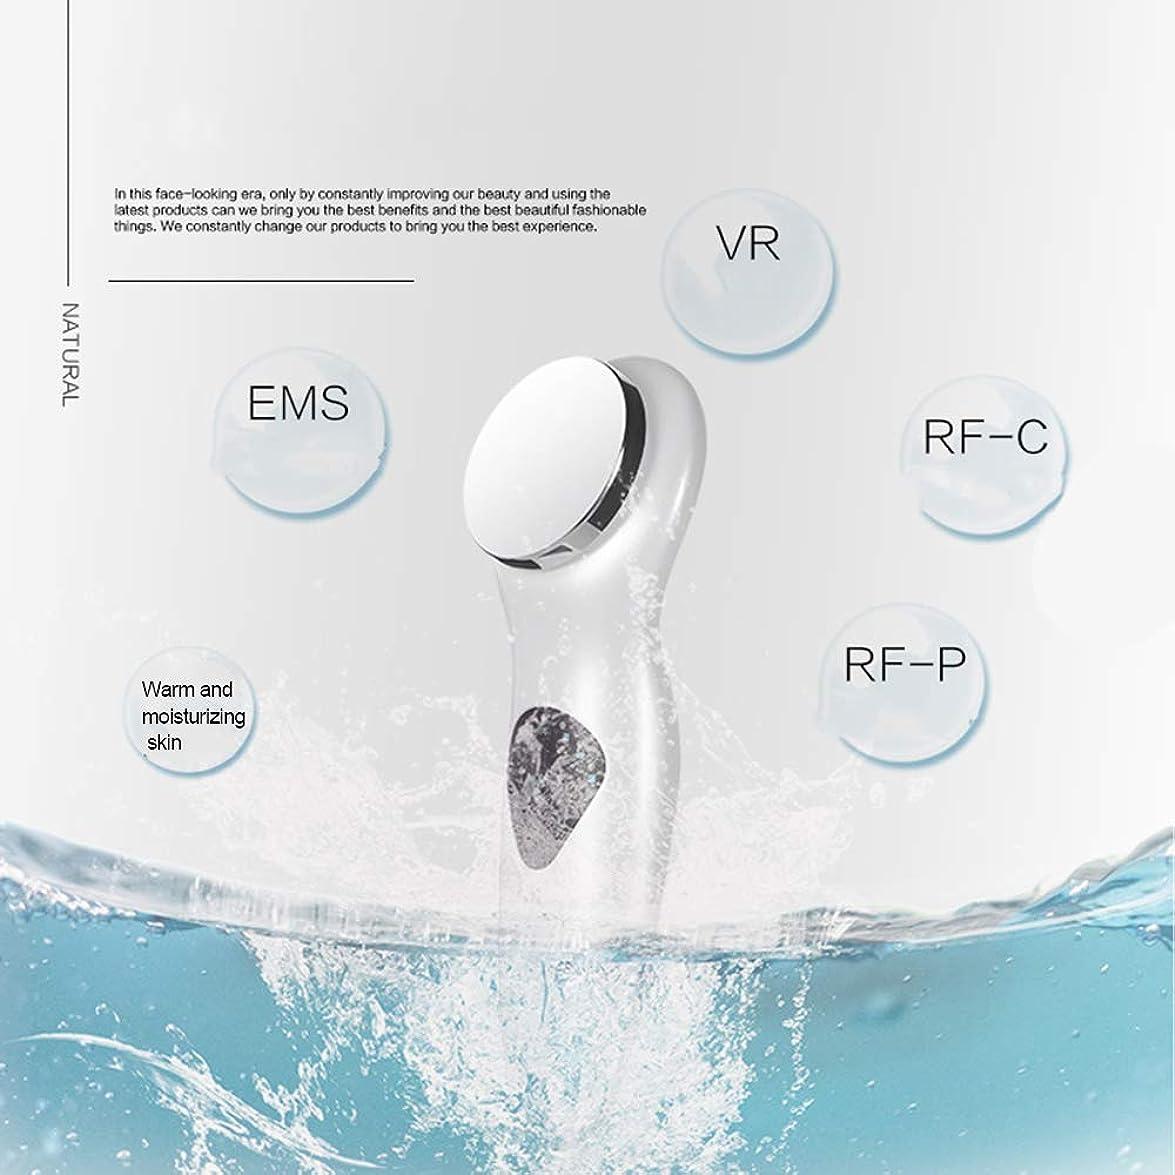 秘書入り口調停者EMSの顔の調子を整える装置、超音波美の器械、携帯用表面美機械、家の美装置の振動器械、顔のマッサージャー